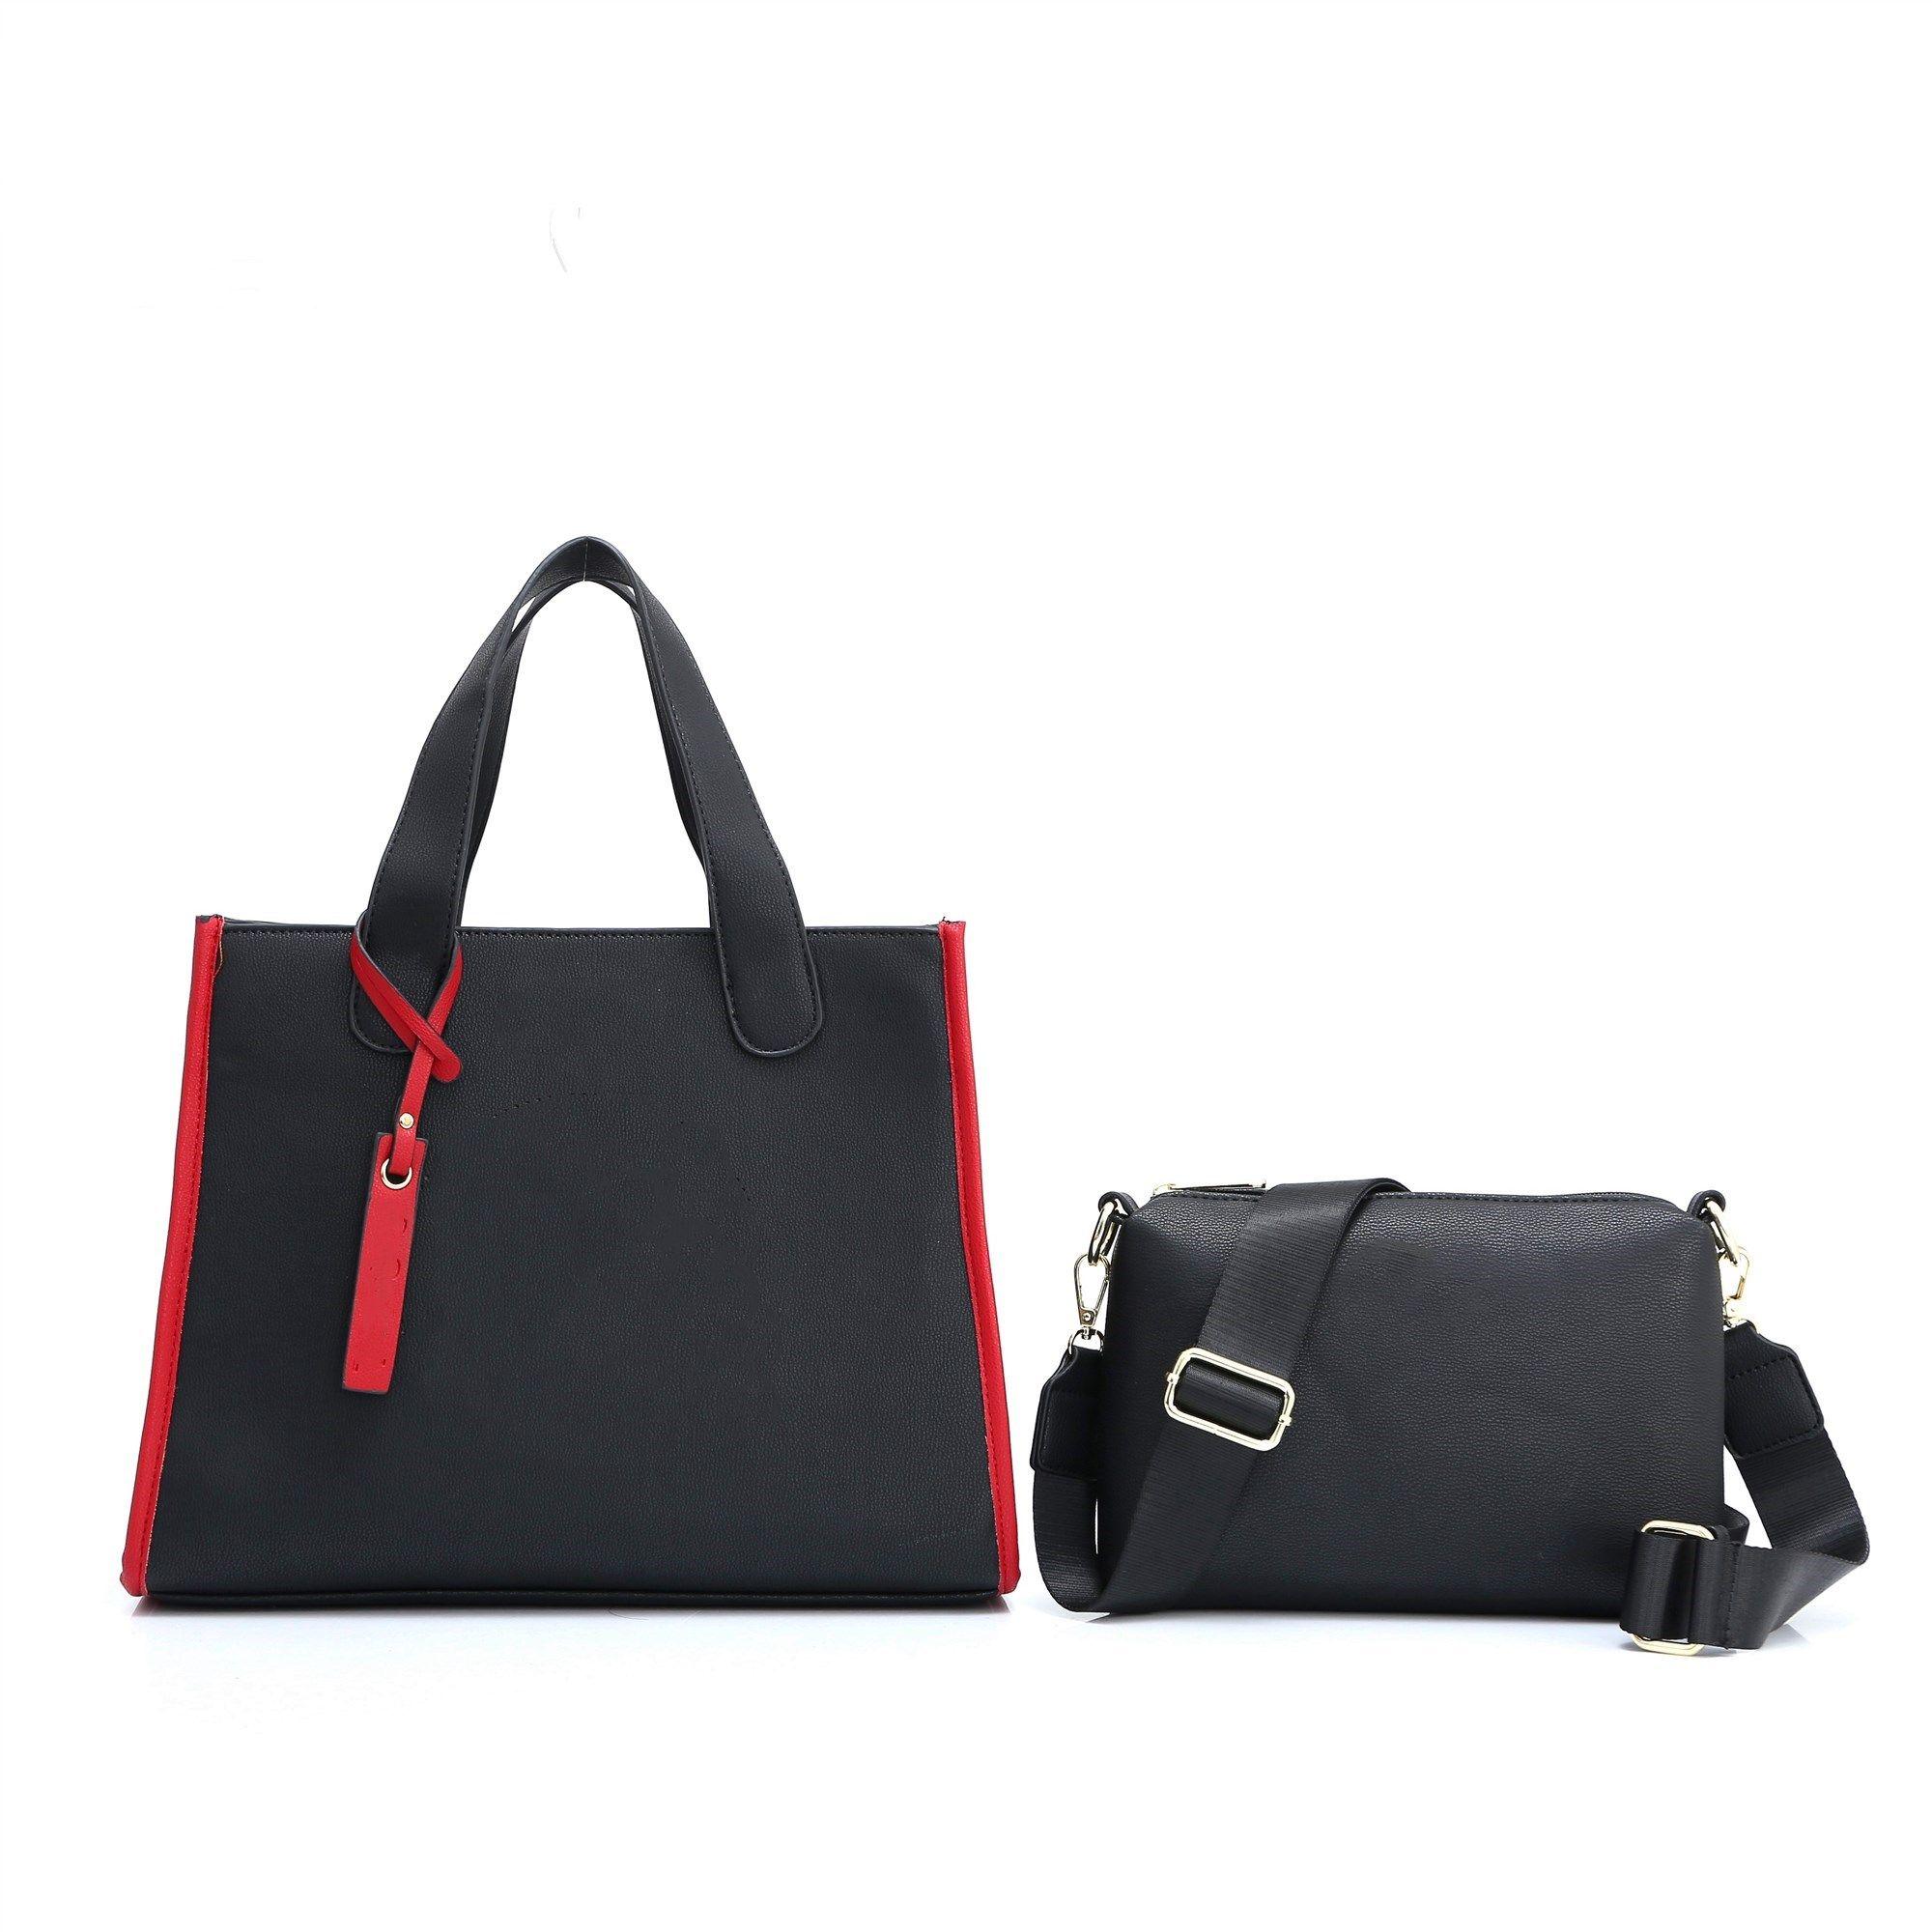 2020 stili di borsa del progettista famoso in pelle di marca borse di modo delle donne del Tote Shoulder Bags signora Leather Handbags M Borse borsa 601T #